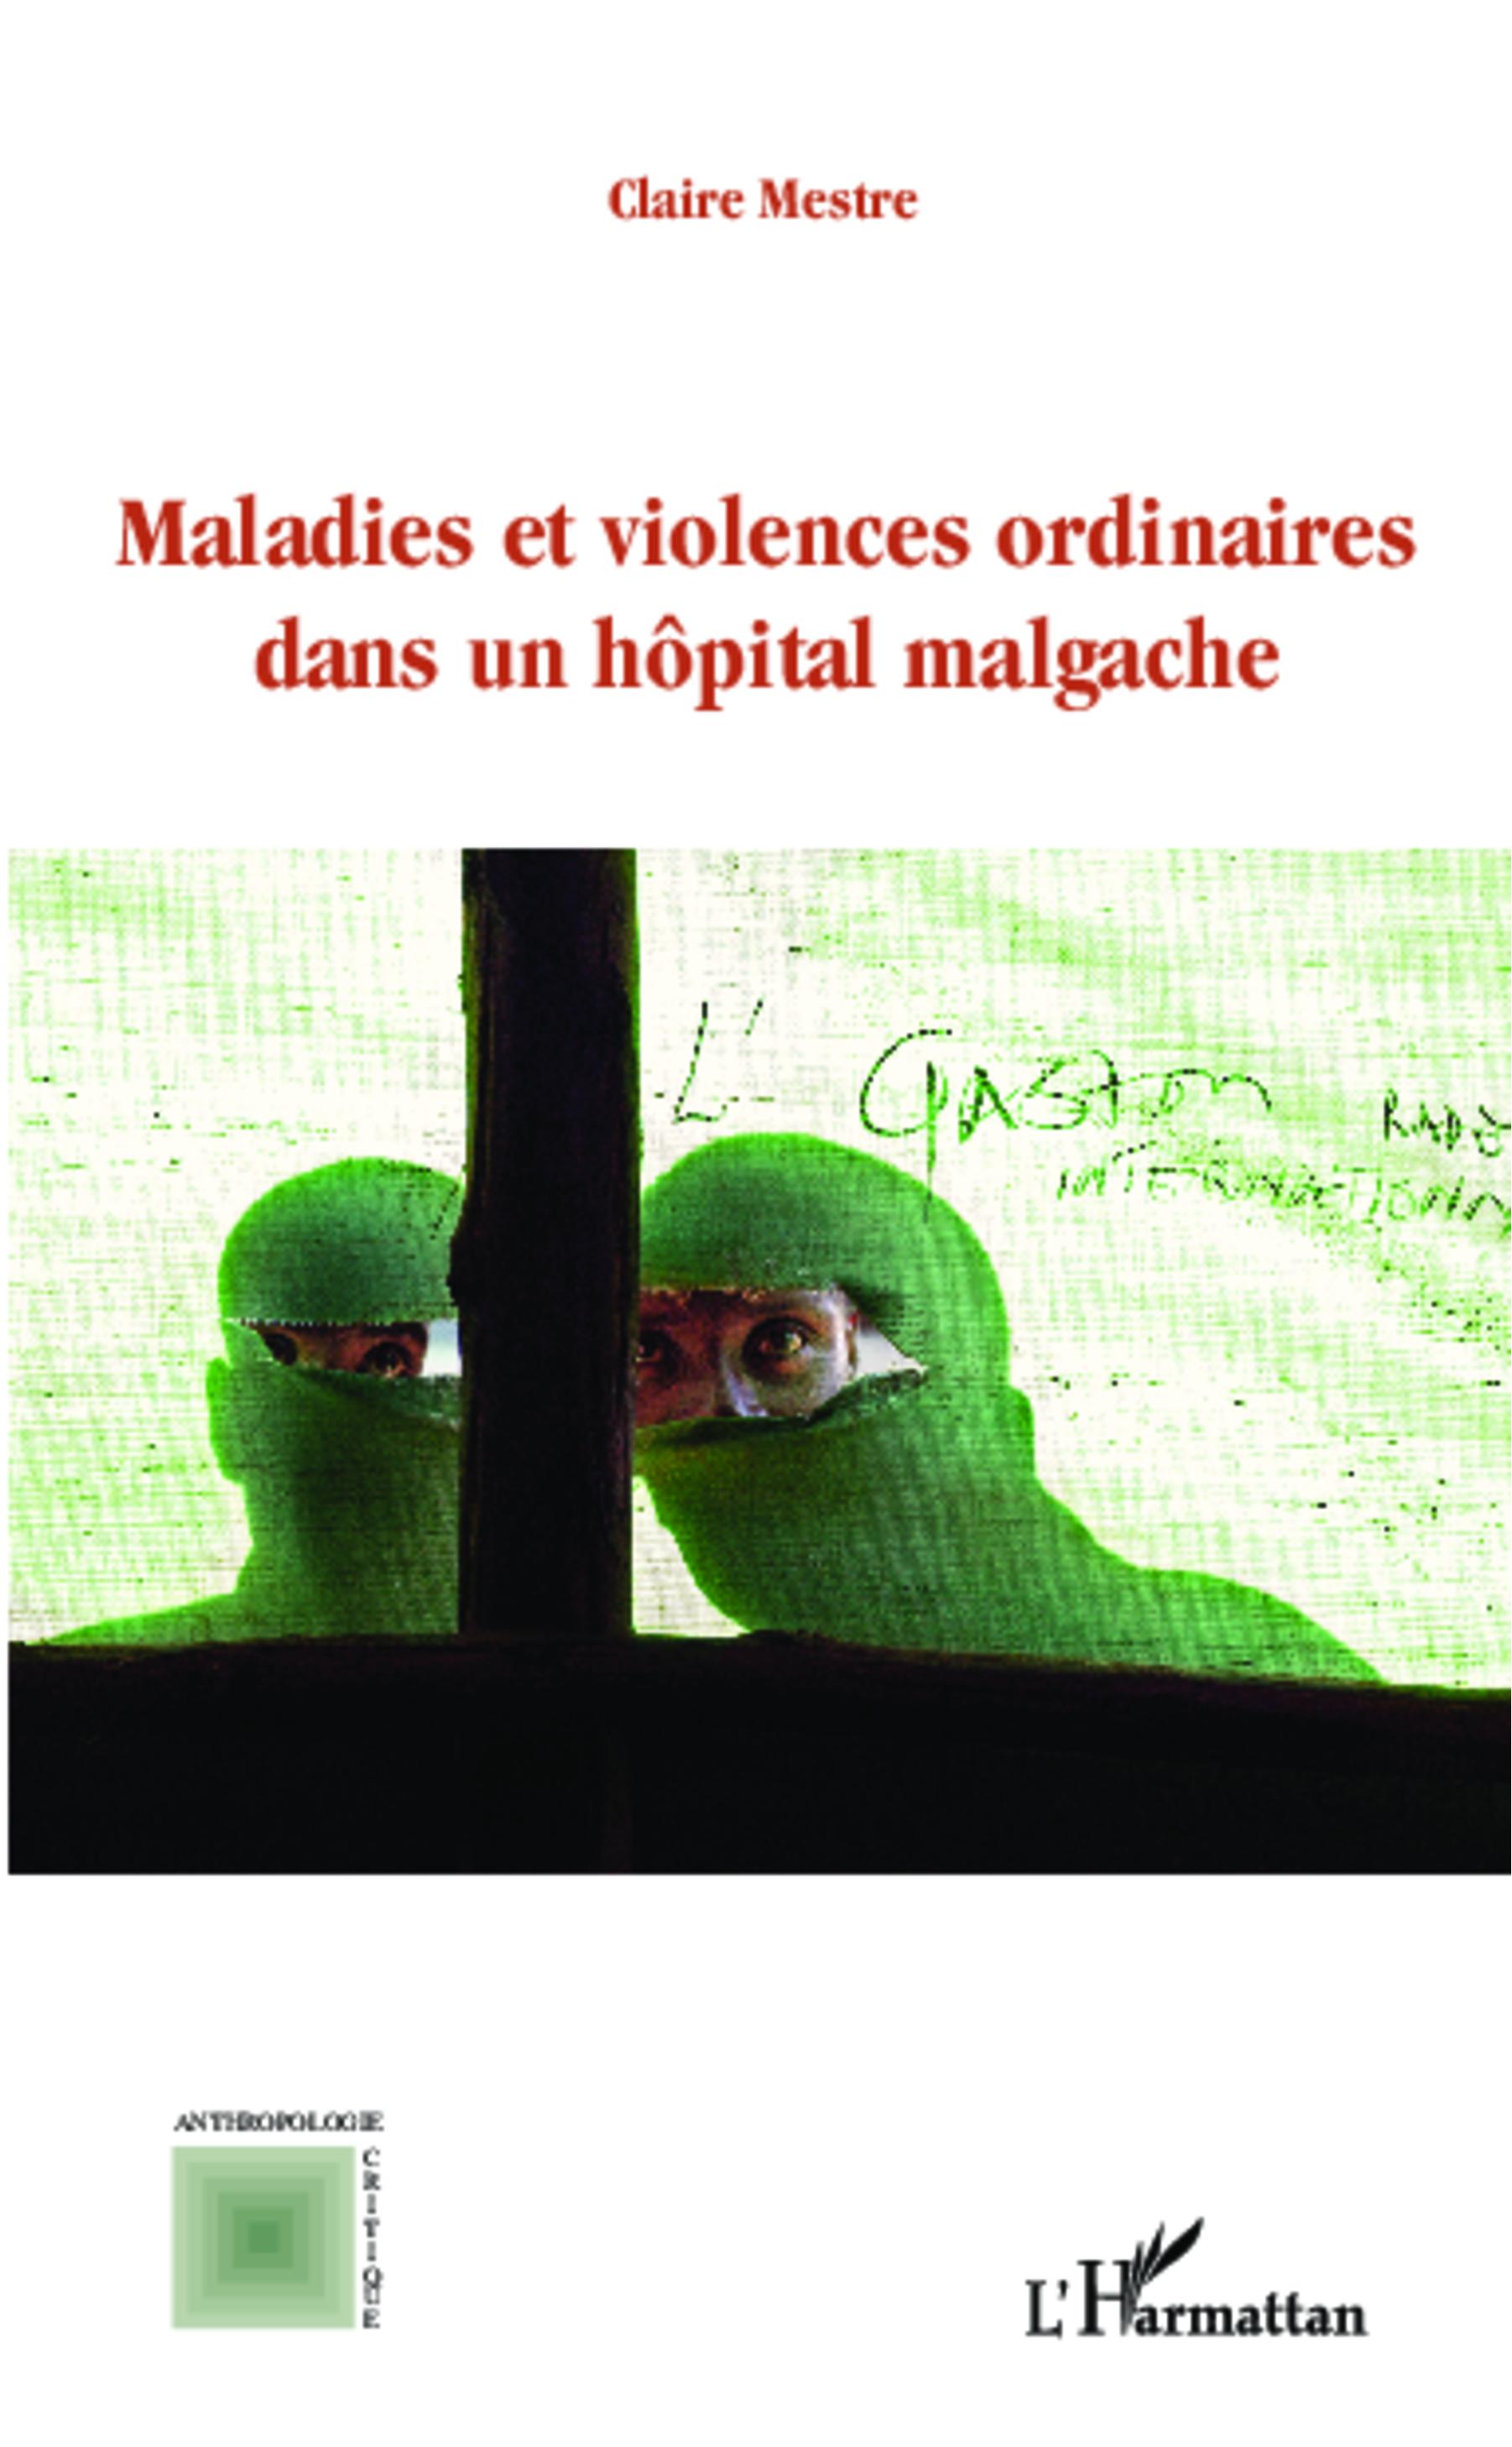 MALADIES ET VIOLENCES ORDINAIRES DANS UN HOPITAL MALGACHE